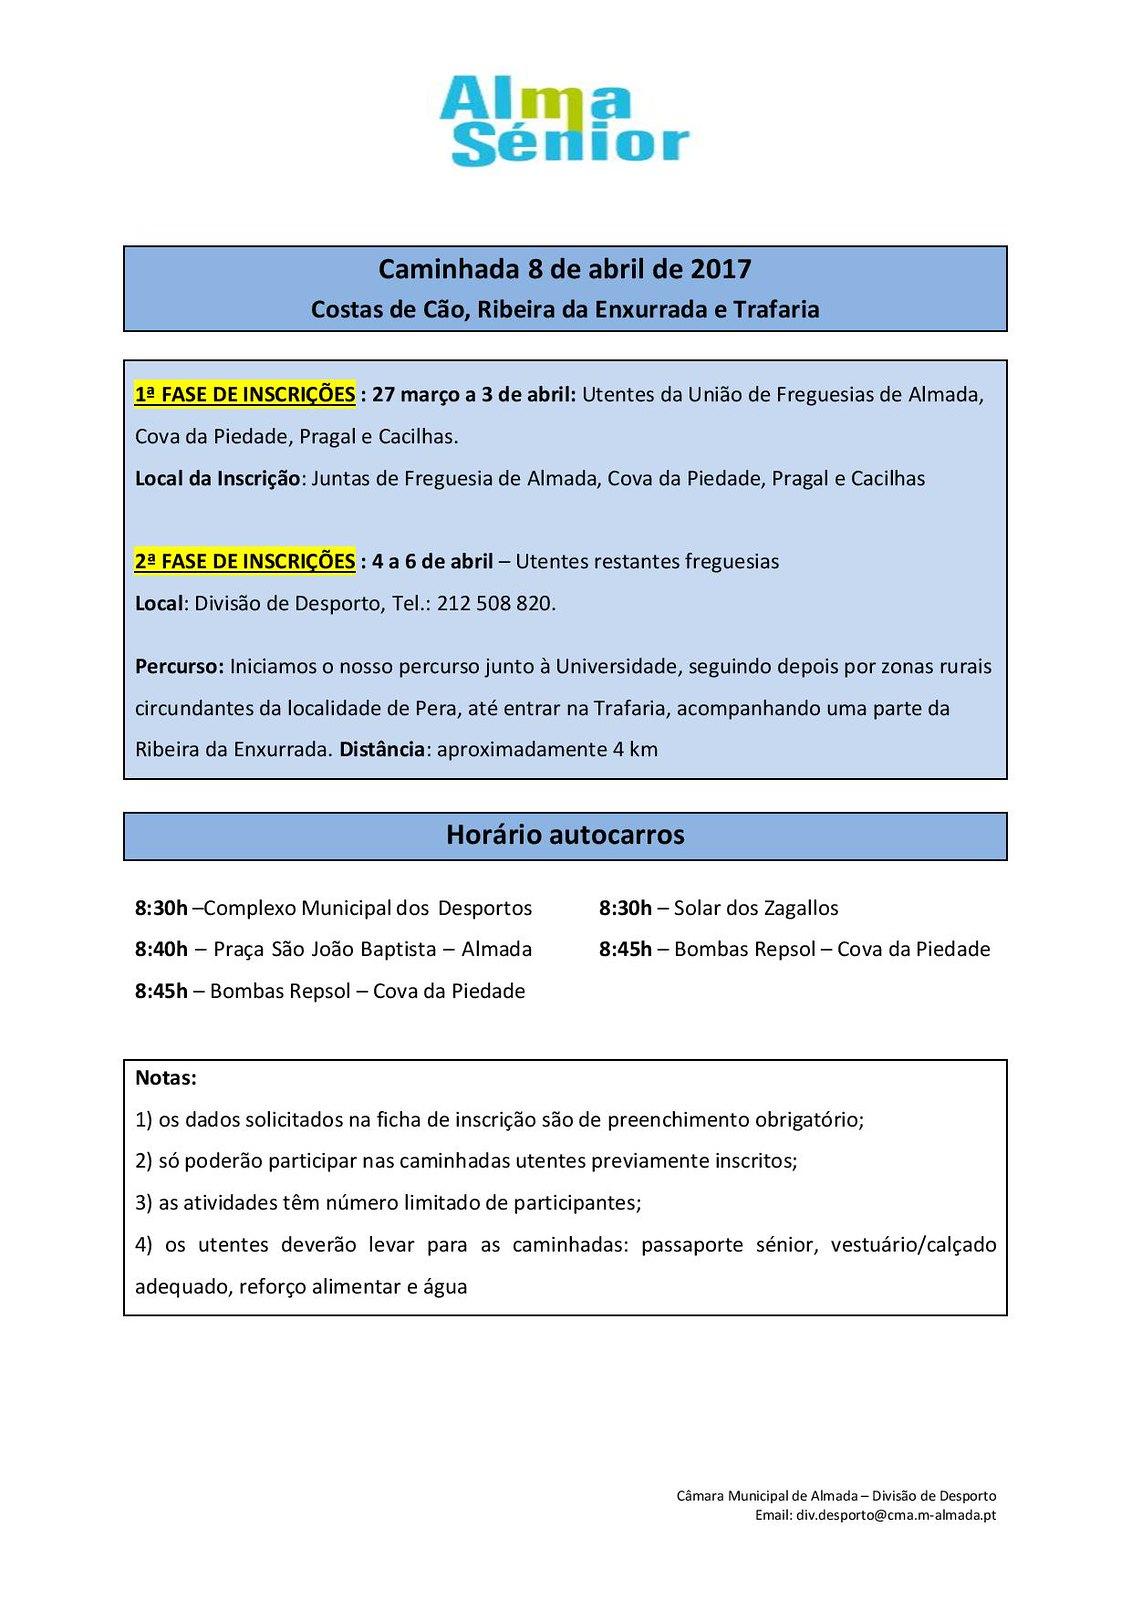 InscriçãoCaminhadaAS_ABRIL (2)-page-001